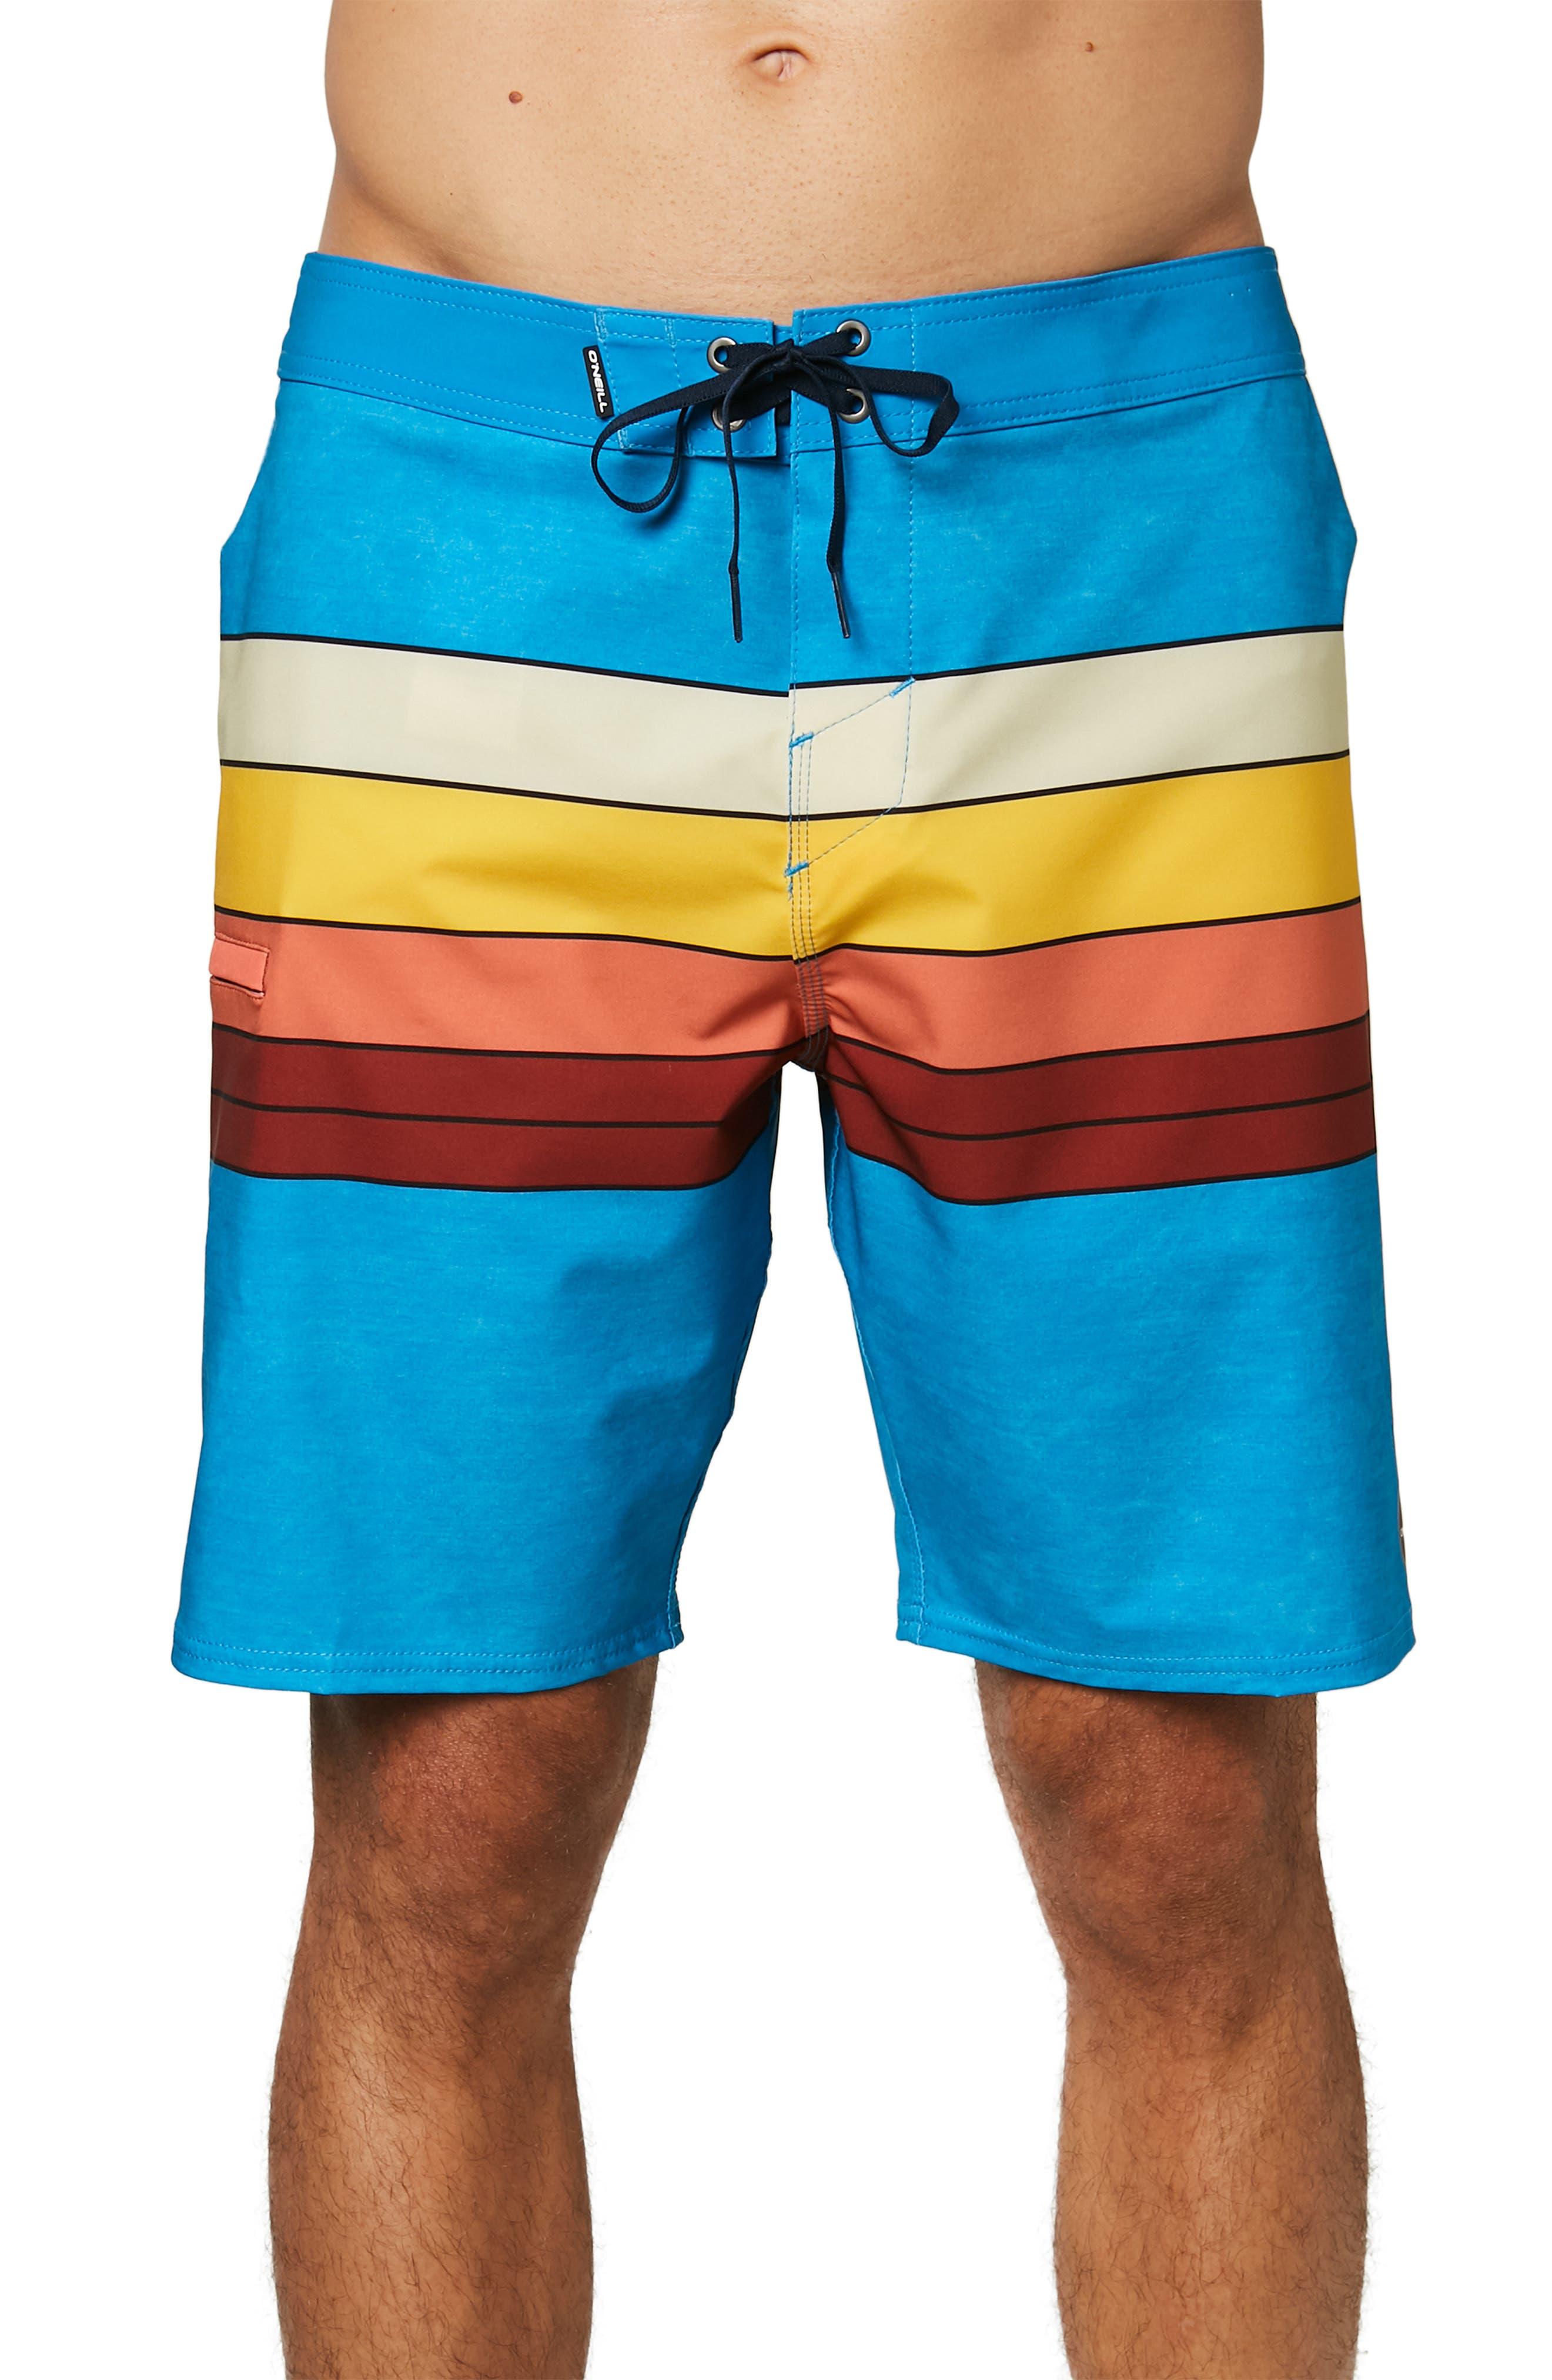 Image of O'Neill Hyperfreak Heist Stripe Boardshorts